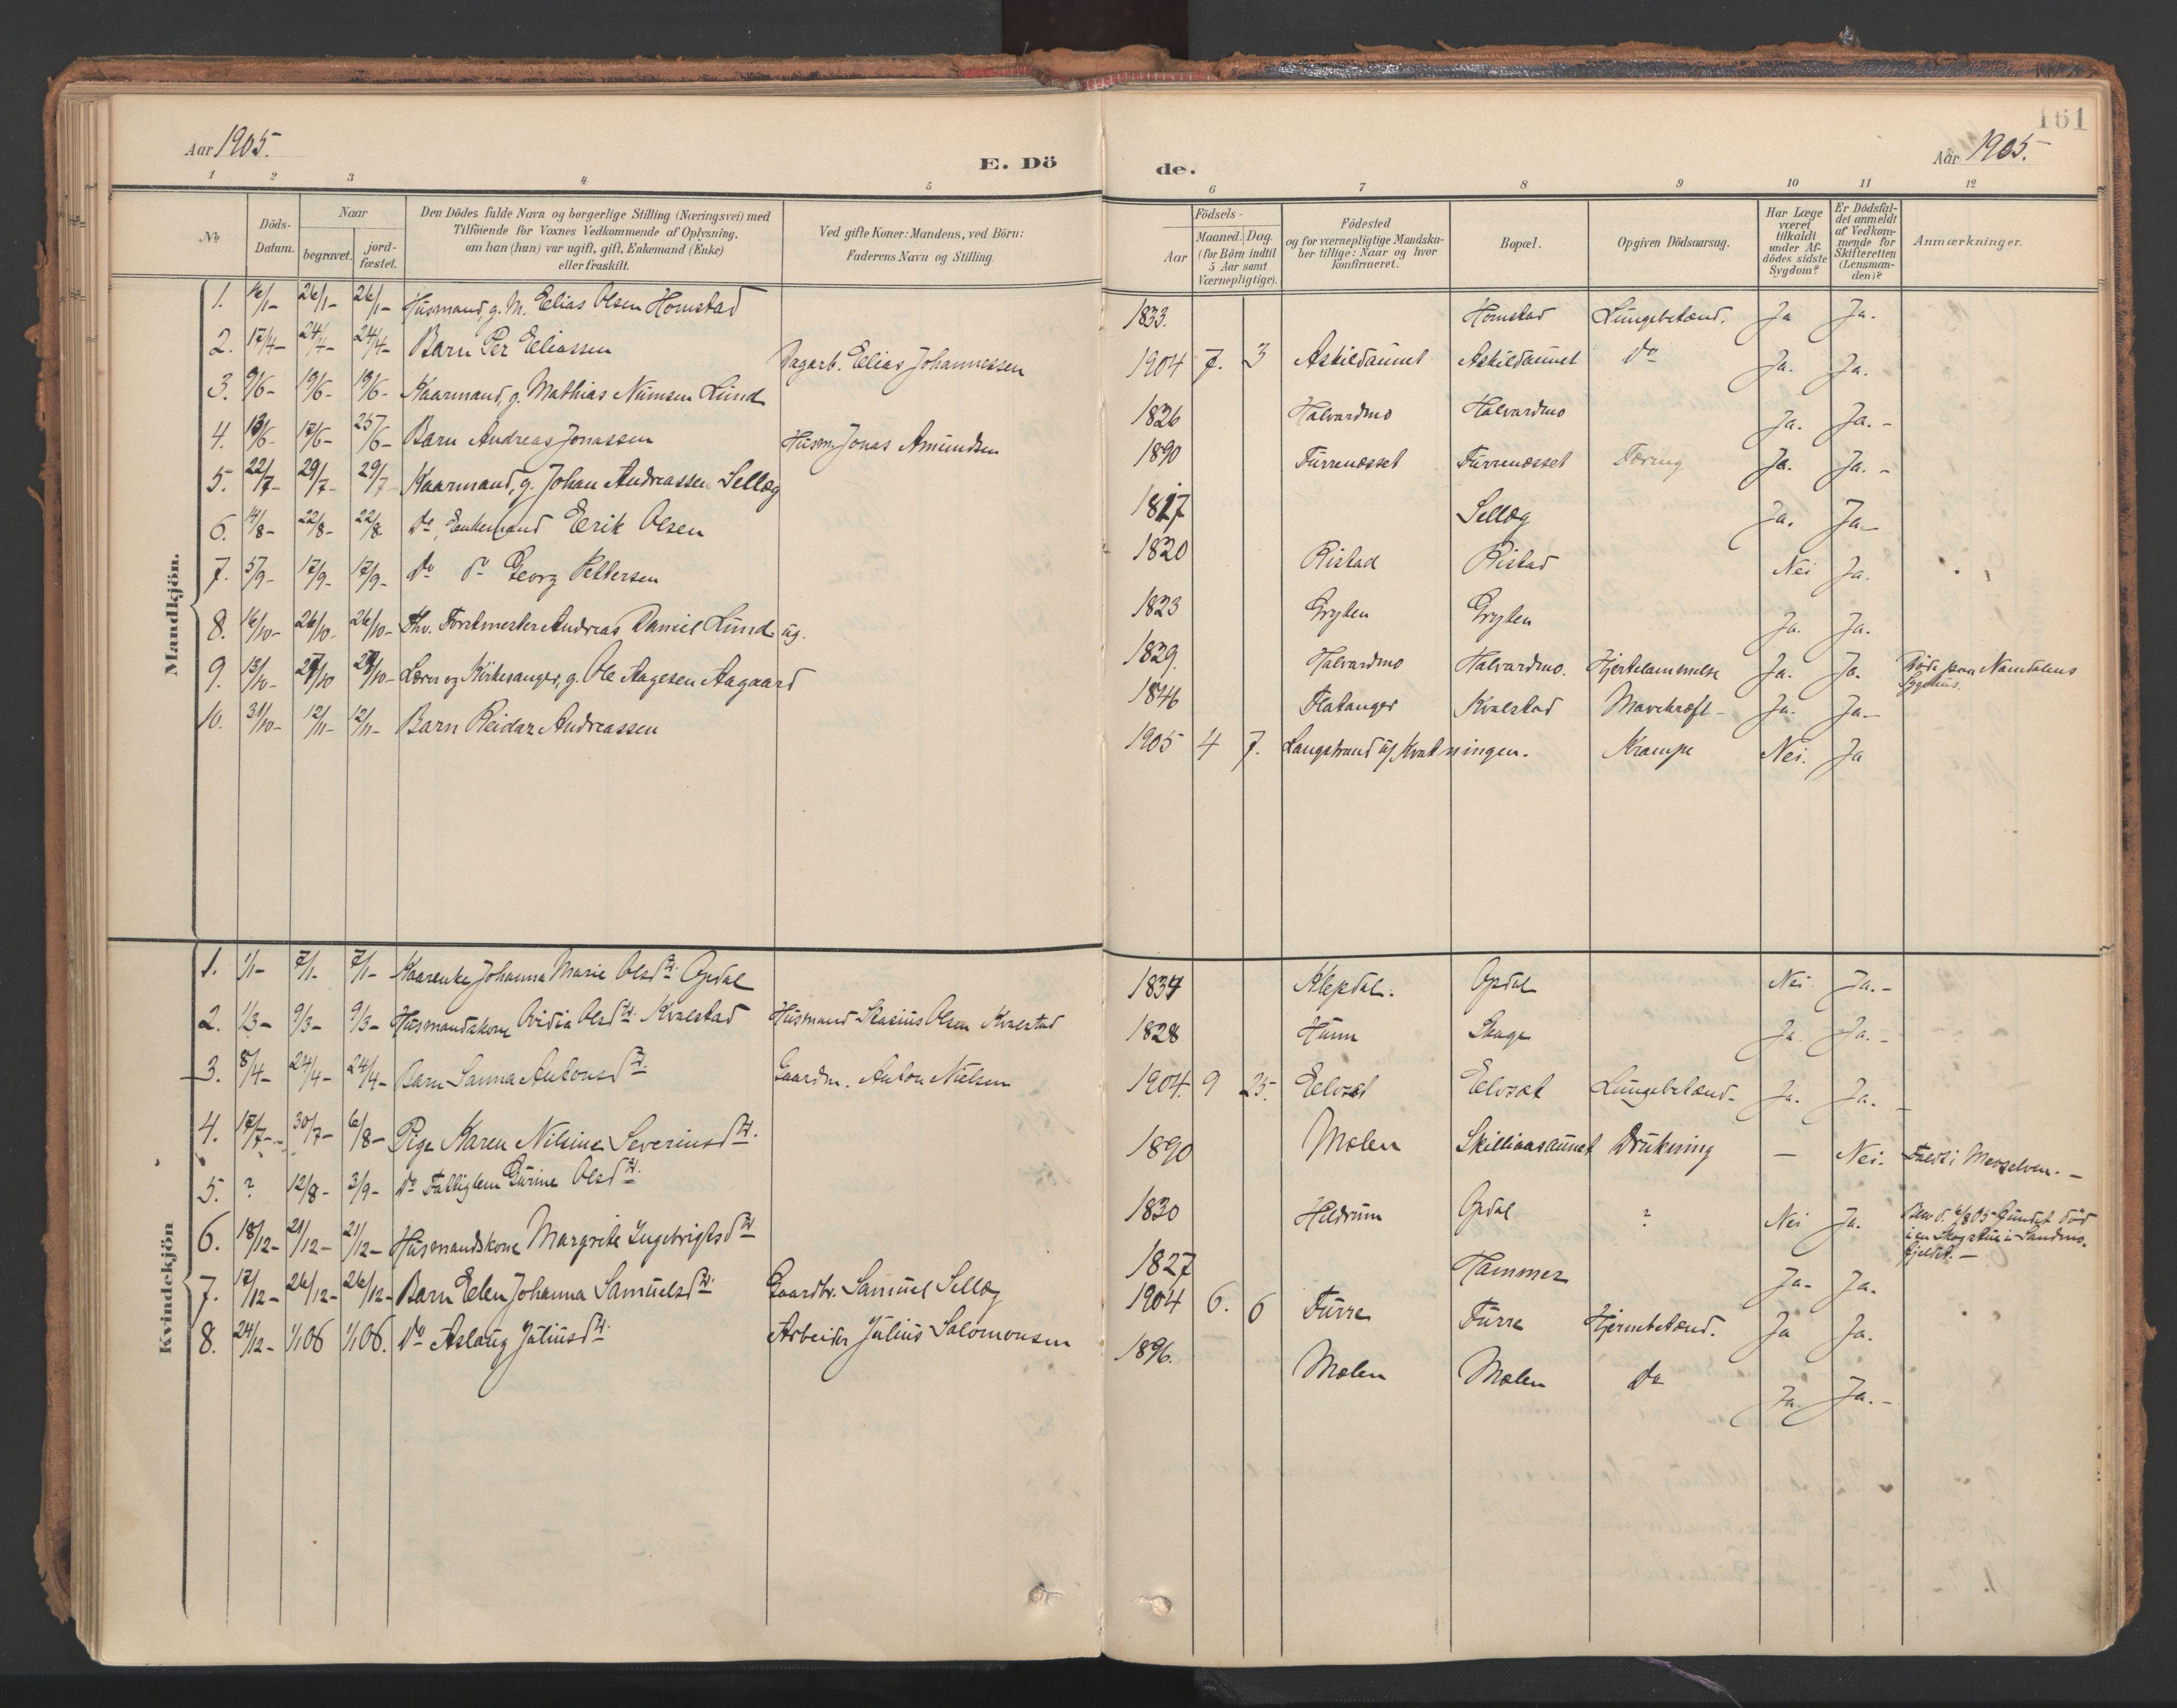 SAT, Ministerialprotokoller, klokkerbøker og fødselsregistre - Nord-Trøndelag, 766/L0564: Ministerialbok nr. 767A02, 1900-1932, s. 161